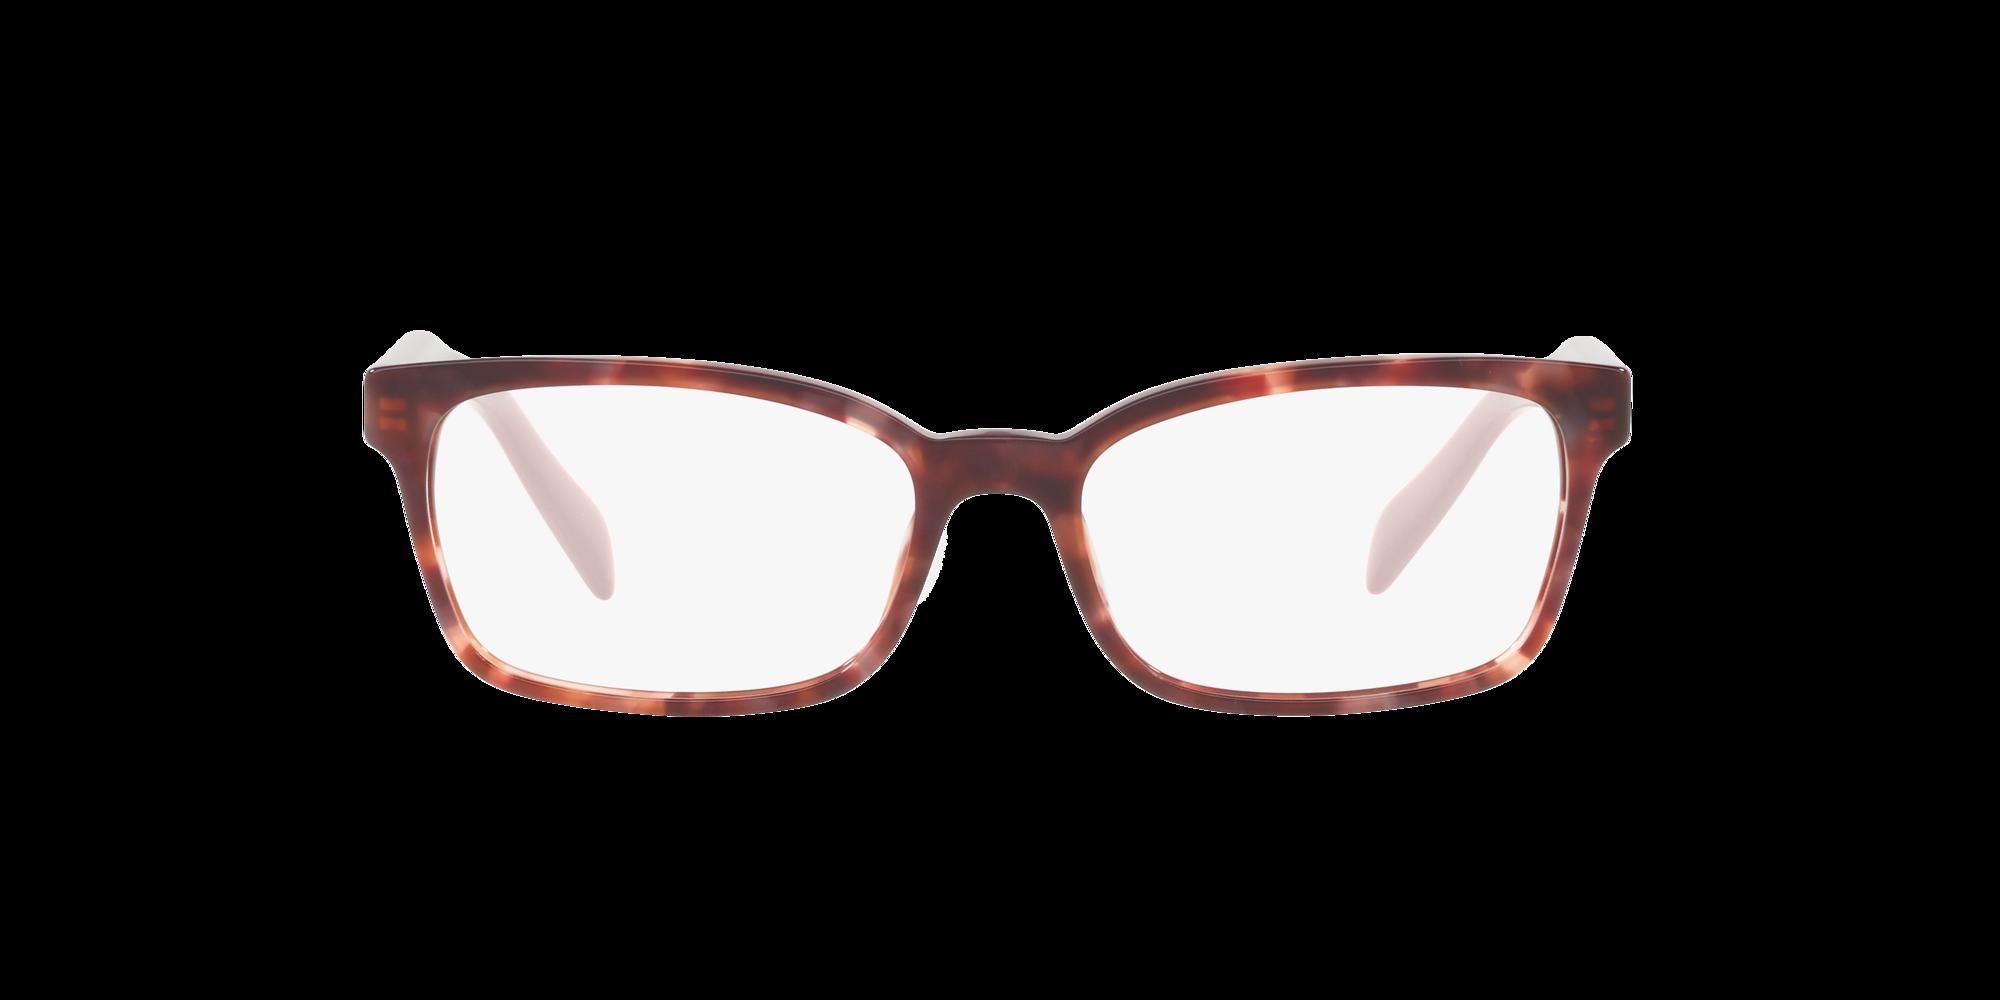 Imagen para PR 18TV de LensCrafters |  Espejuelos, espejuelos graduados en línea, gafas